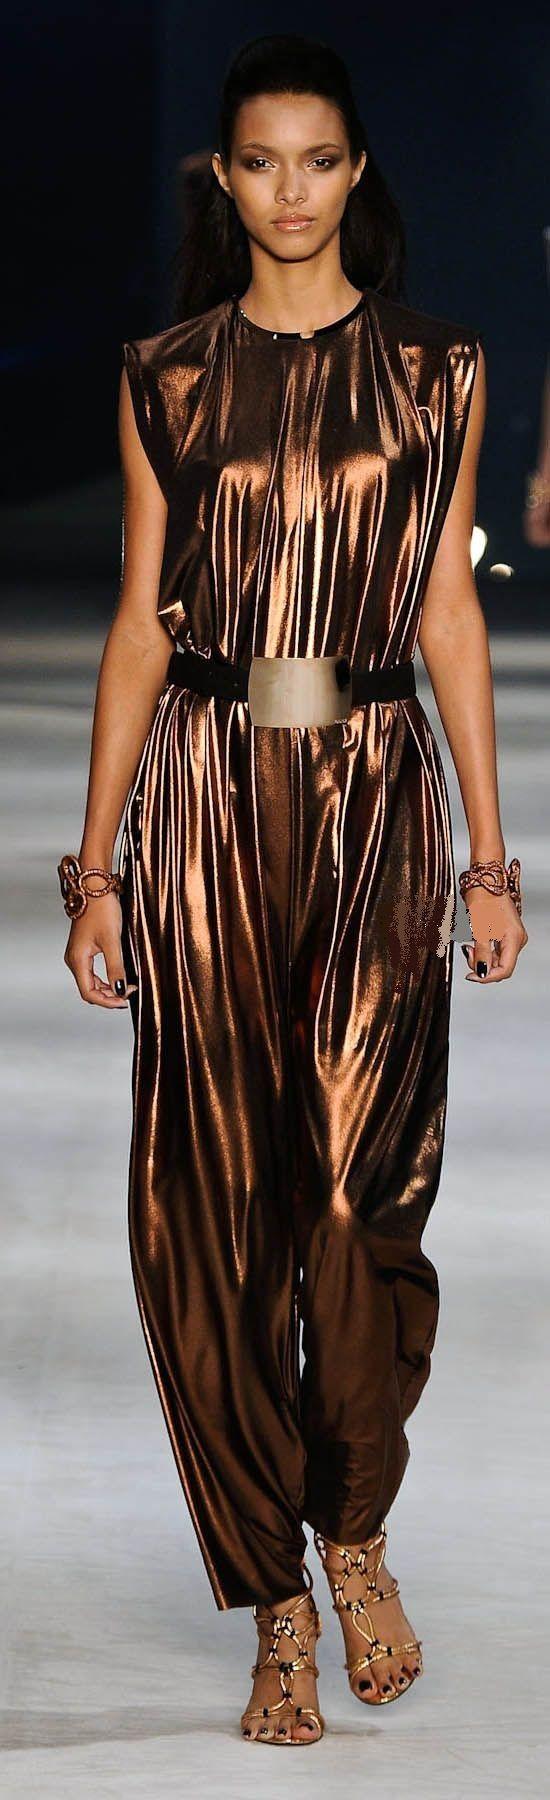 Farb-und Stilberatung mit www.farben-reich.com - Iodice Mercedes-Benz Fashion Week Madrid